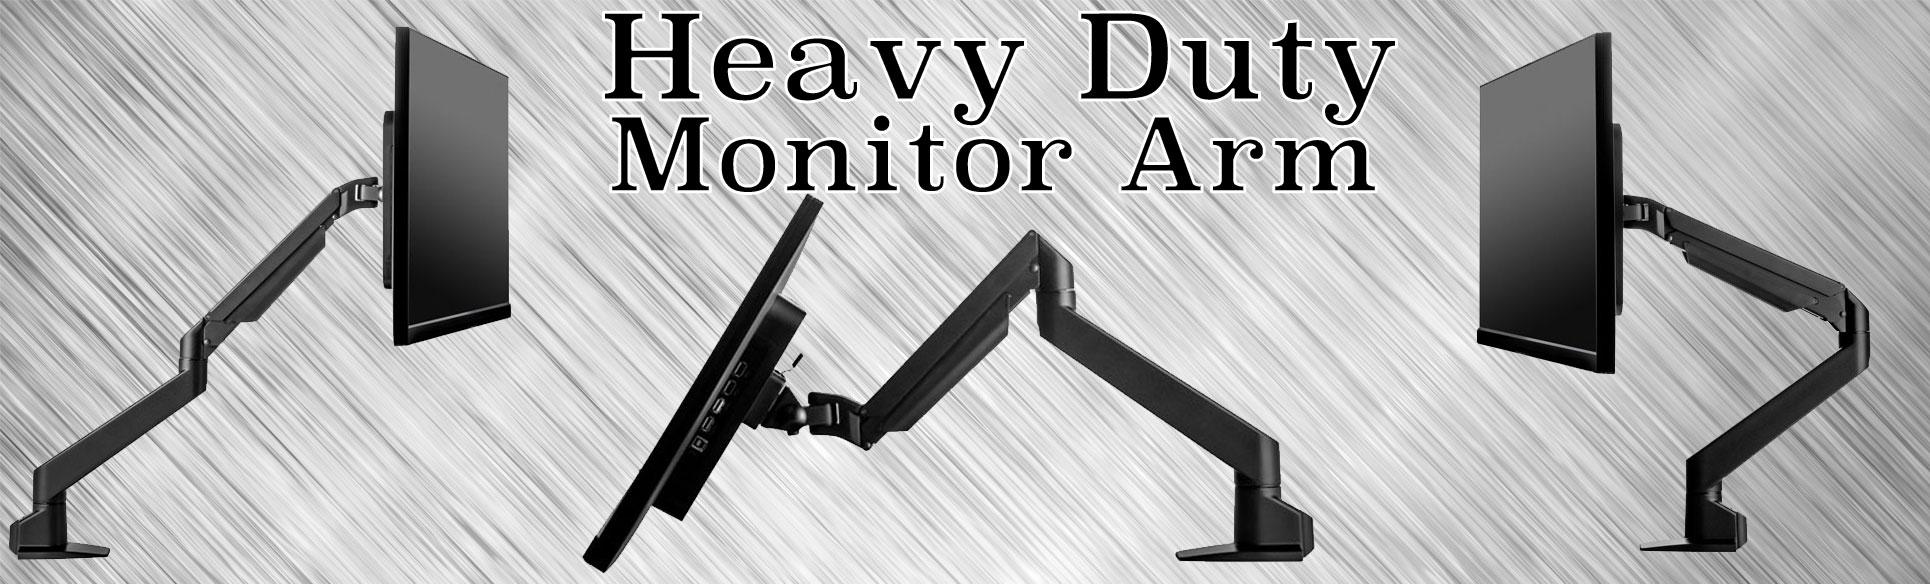 heavy duty monitor arm